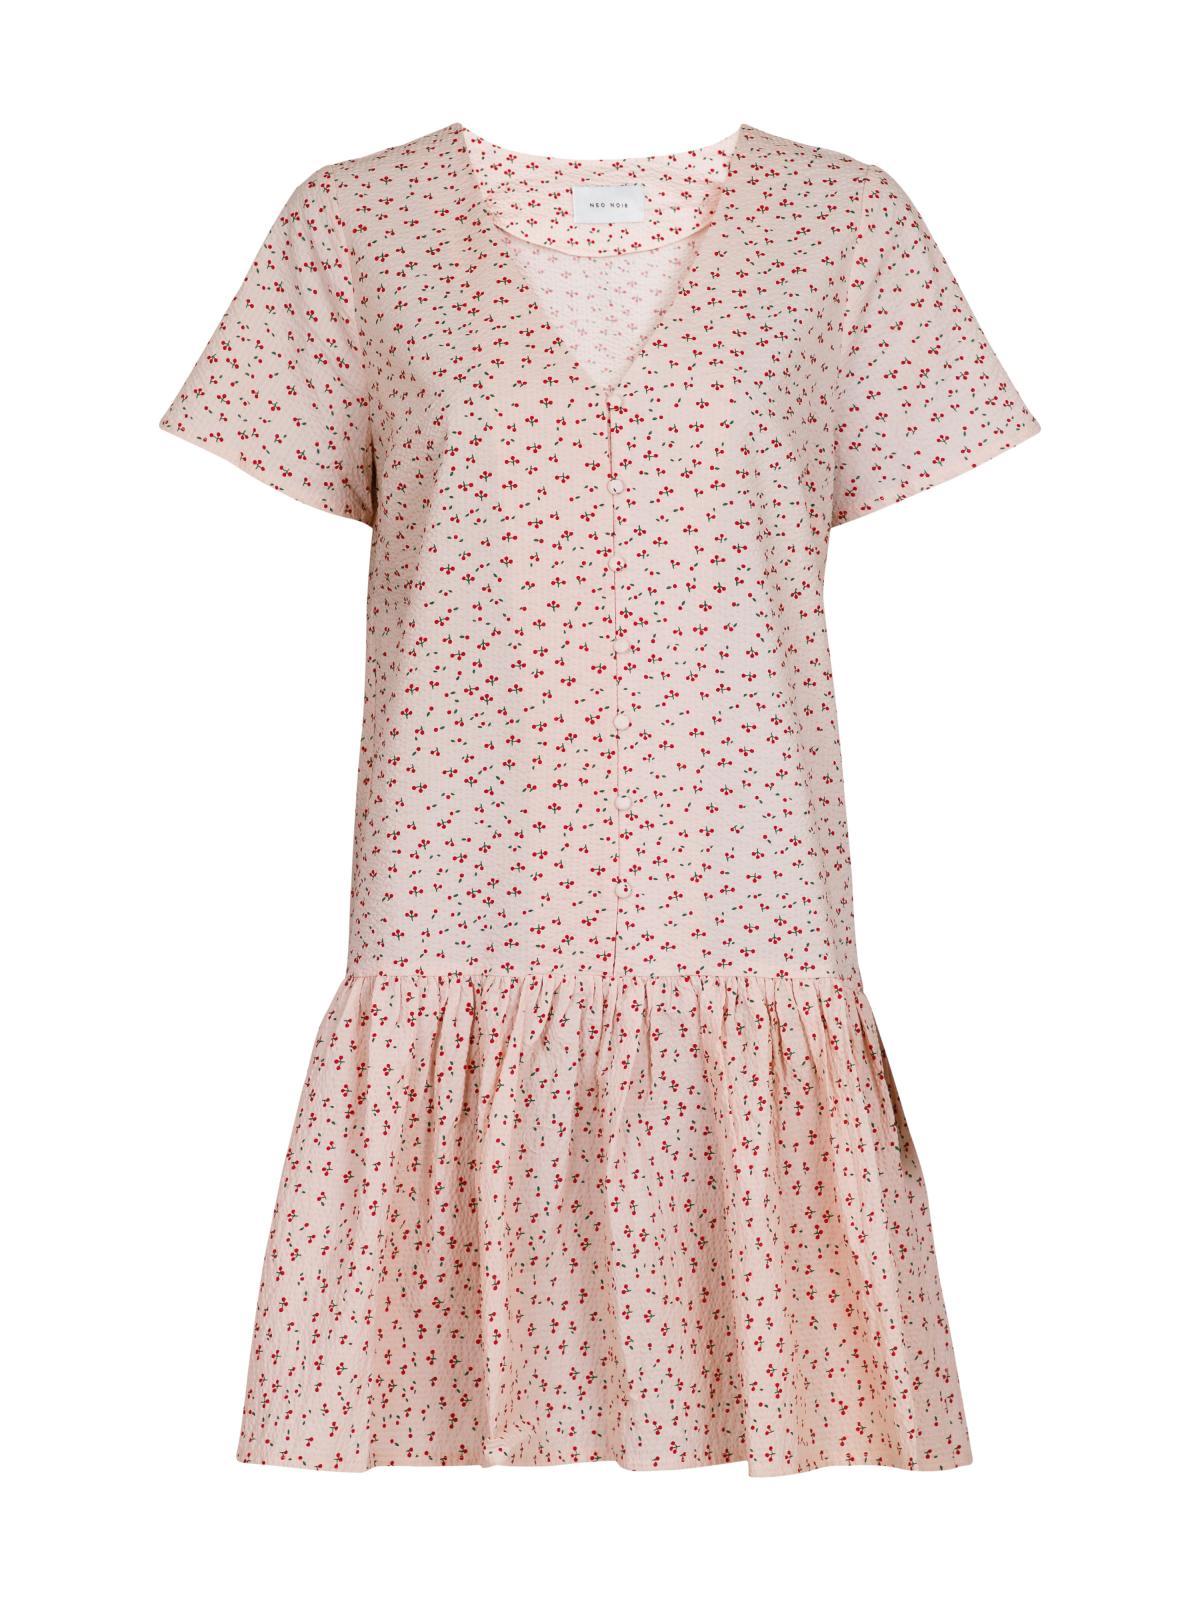 Neo Noir Ilsa Mini Cherry kjole, light pink, 38